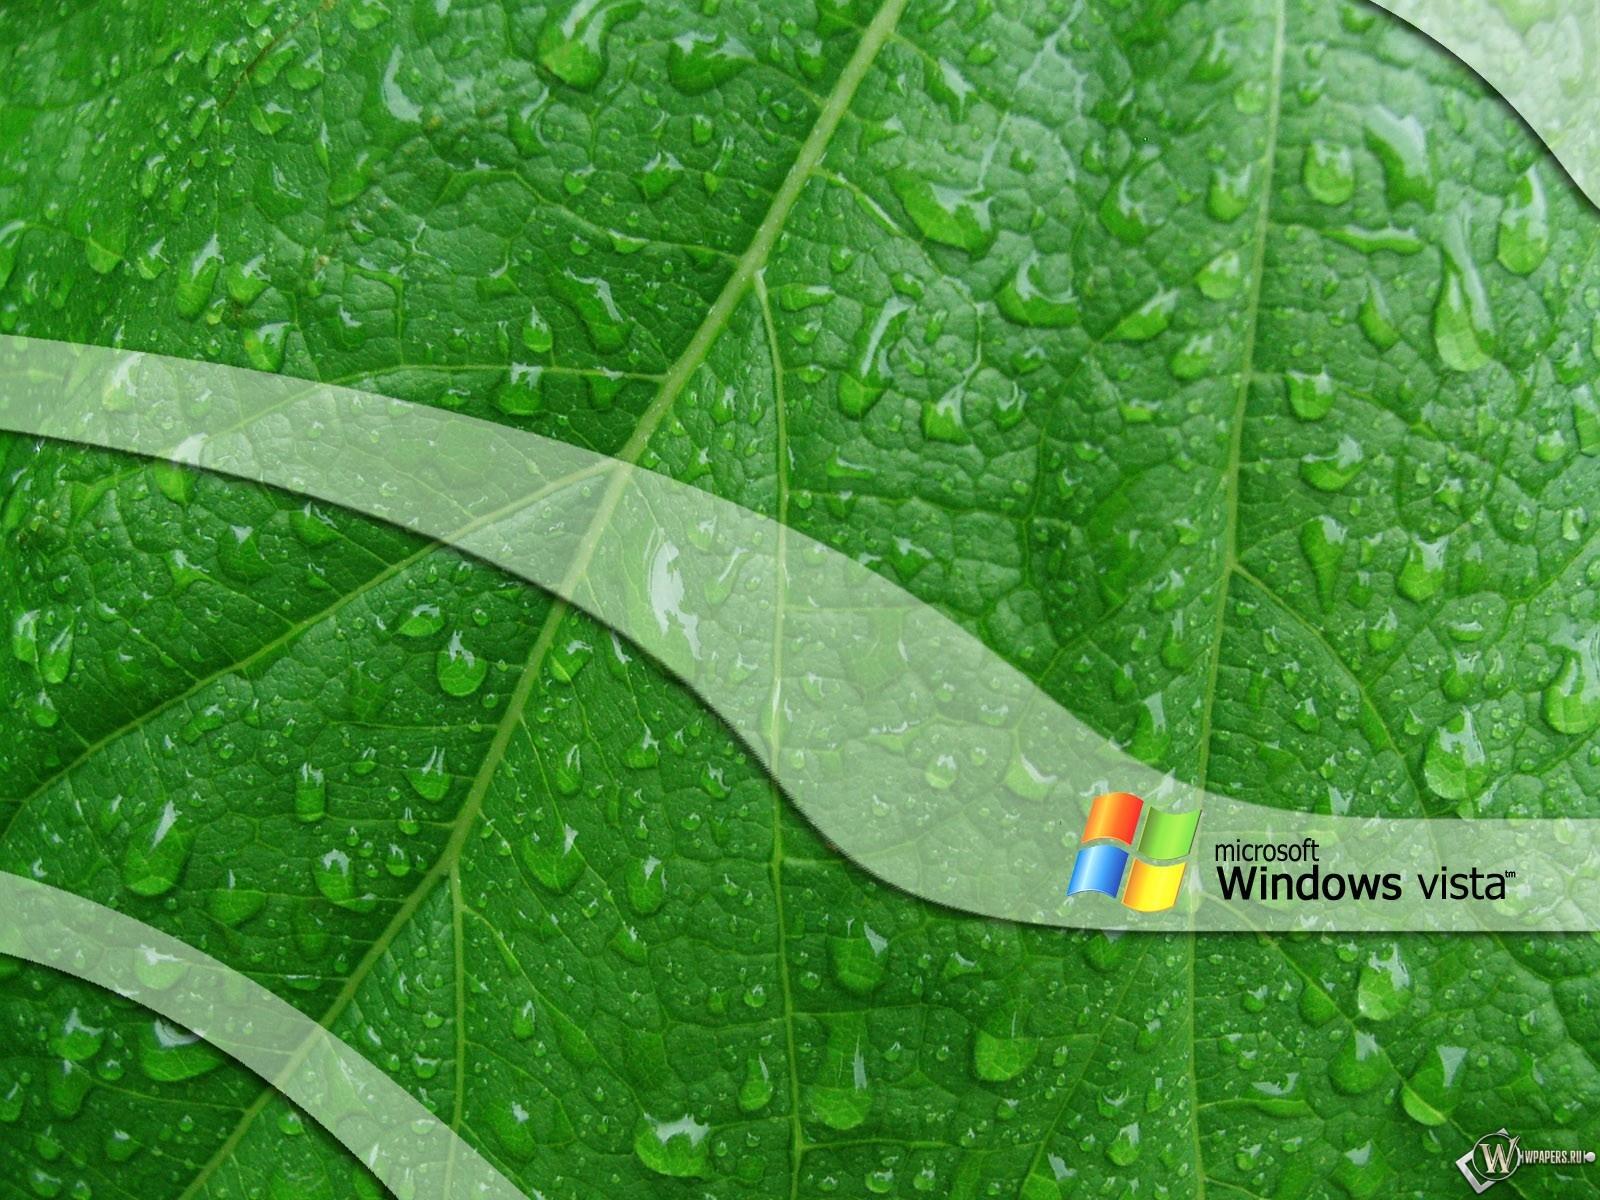 Бесплатно Обои На Рабочий Стол Для Windows 8